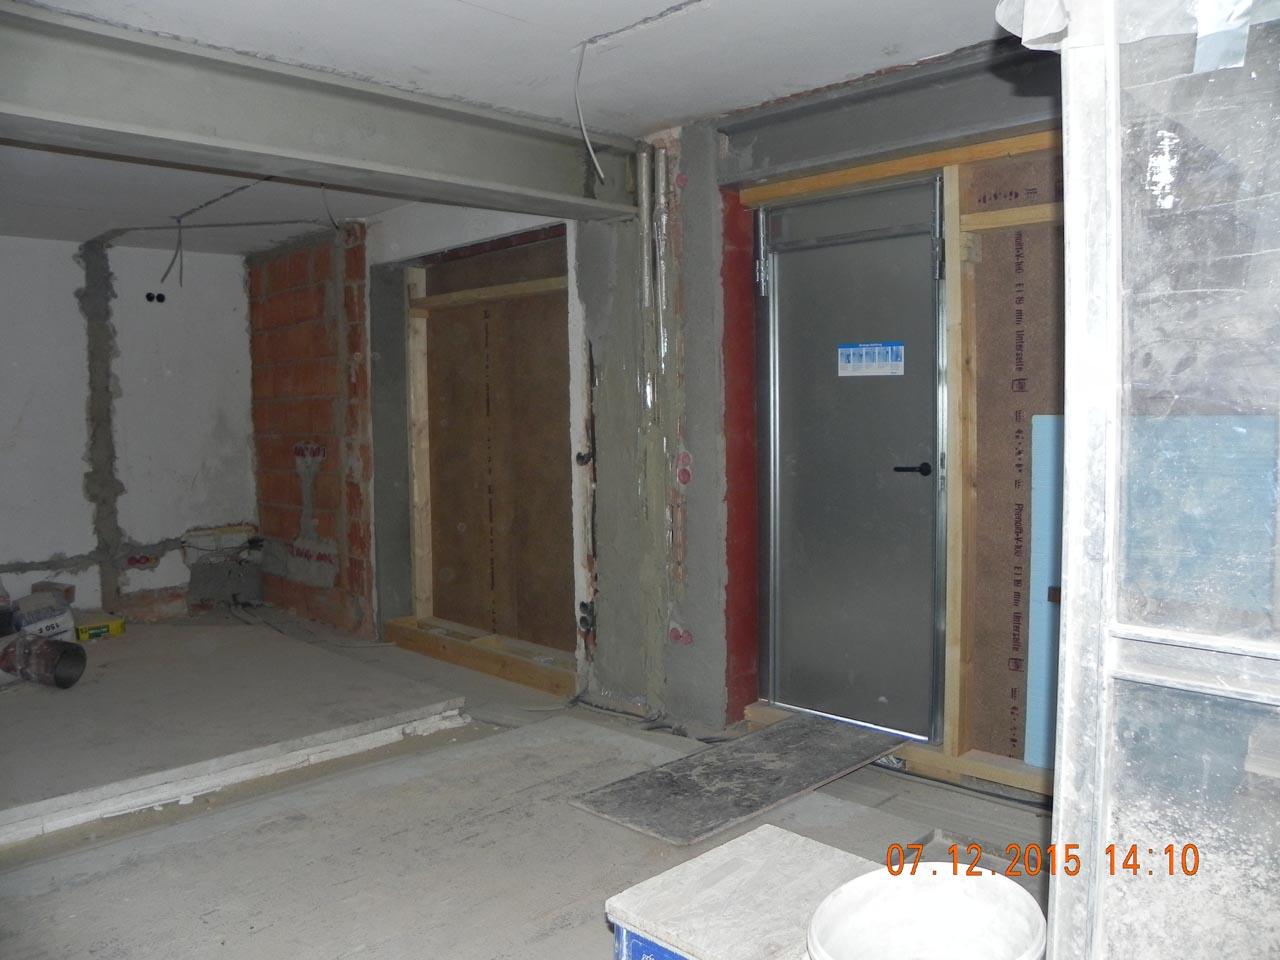 Wohnzimmer - Umbau 10